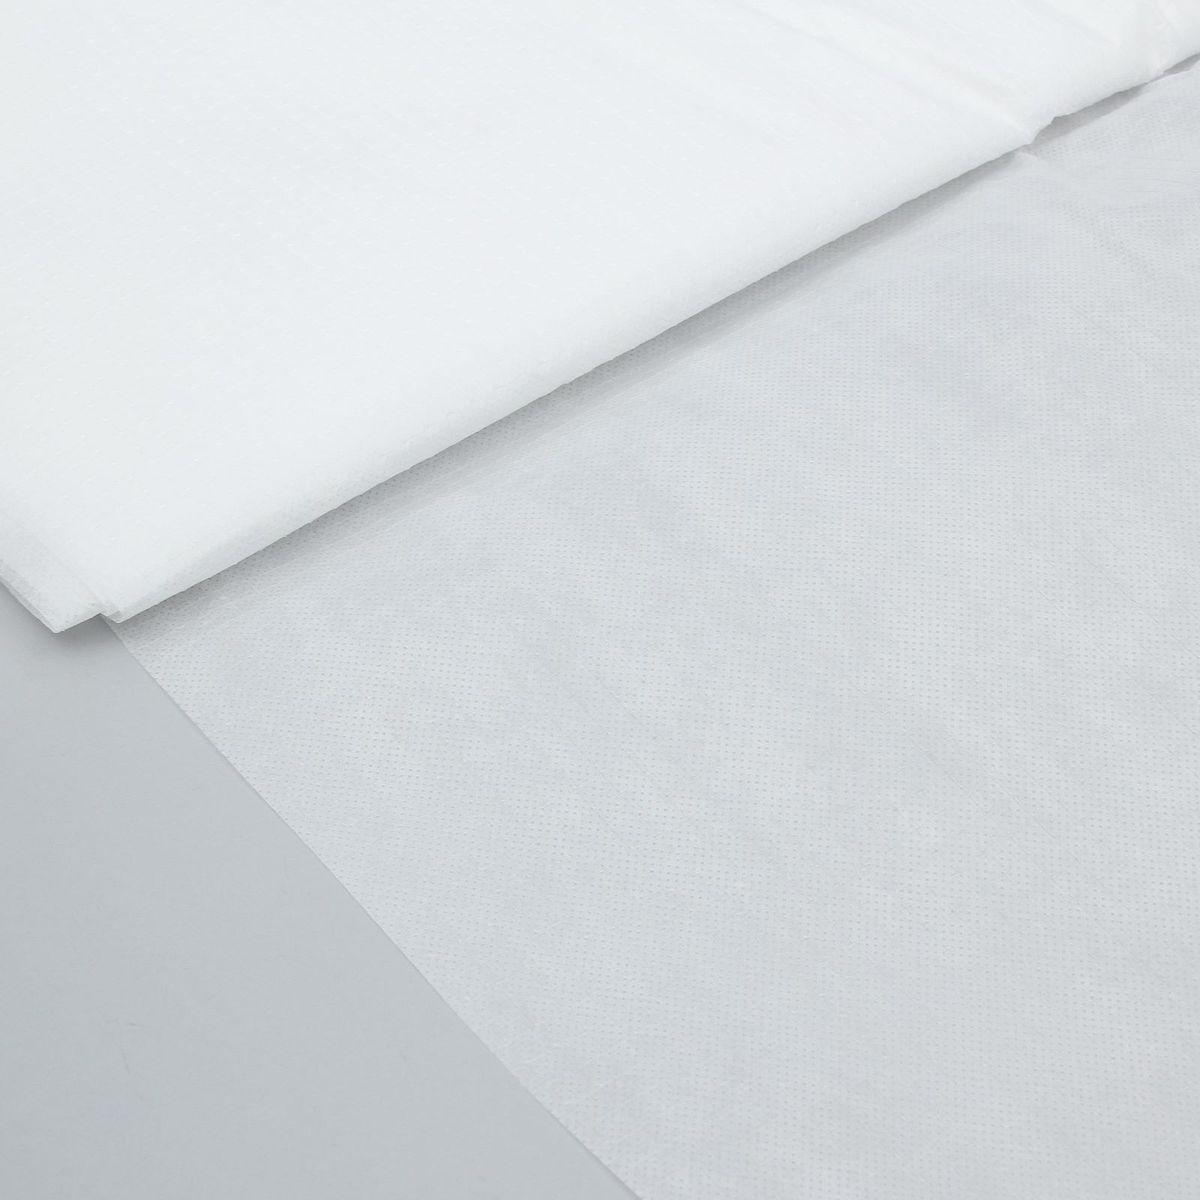 Материал укрывной Агротекс, цвет: белый, 5 х 1,6 м 13092531324760Многофункциональность, надёжность и высокое качество — вот отличительные черты армированного укрывного материала «Агротекс». Позаботьтесь о своих посадках заранее! Назначение:укрытие повышенной прочности для каркасов теплиц и парников. Выгода: надёжная и прочная теплица, которая прослужит несколько сезоновдополнительный доход за счёт получения раннего урожаяэкономия средств на ежегодной замене материала. С надёжным армированным укрывным материалом вы достигнете больших результатов, затрачивая меньше усилий. Плюсы очевидны: повышенная прочность за счёт армированной сетки (материал прослужит до 3 сезонов) защита посадок от заморозков, сильных ливней и градазащита растений от холодной росызащита листьев и плодов от солнечных ожоговсоздание благоприятного микроклимата под укрытиемполучение раннего обильного урожая. Выбирайте лучшее!